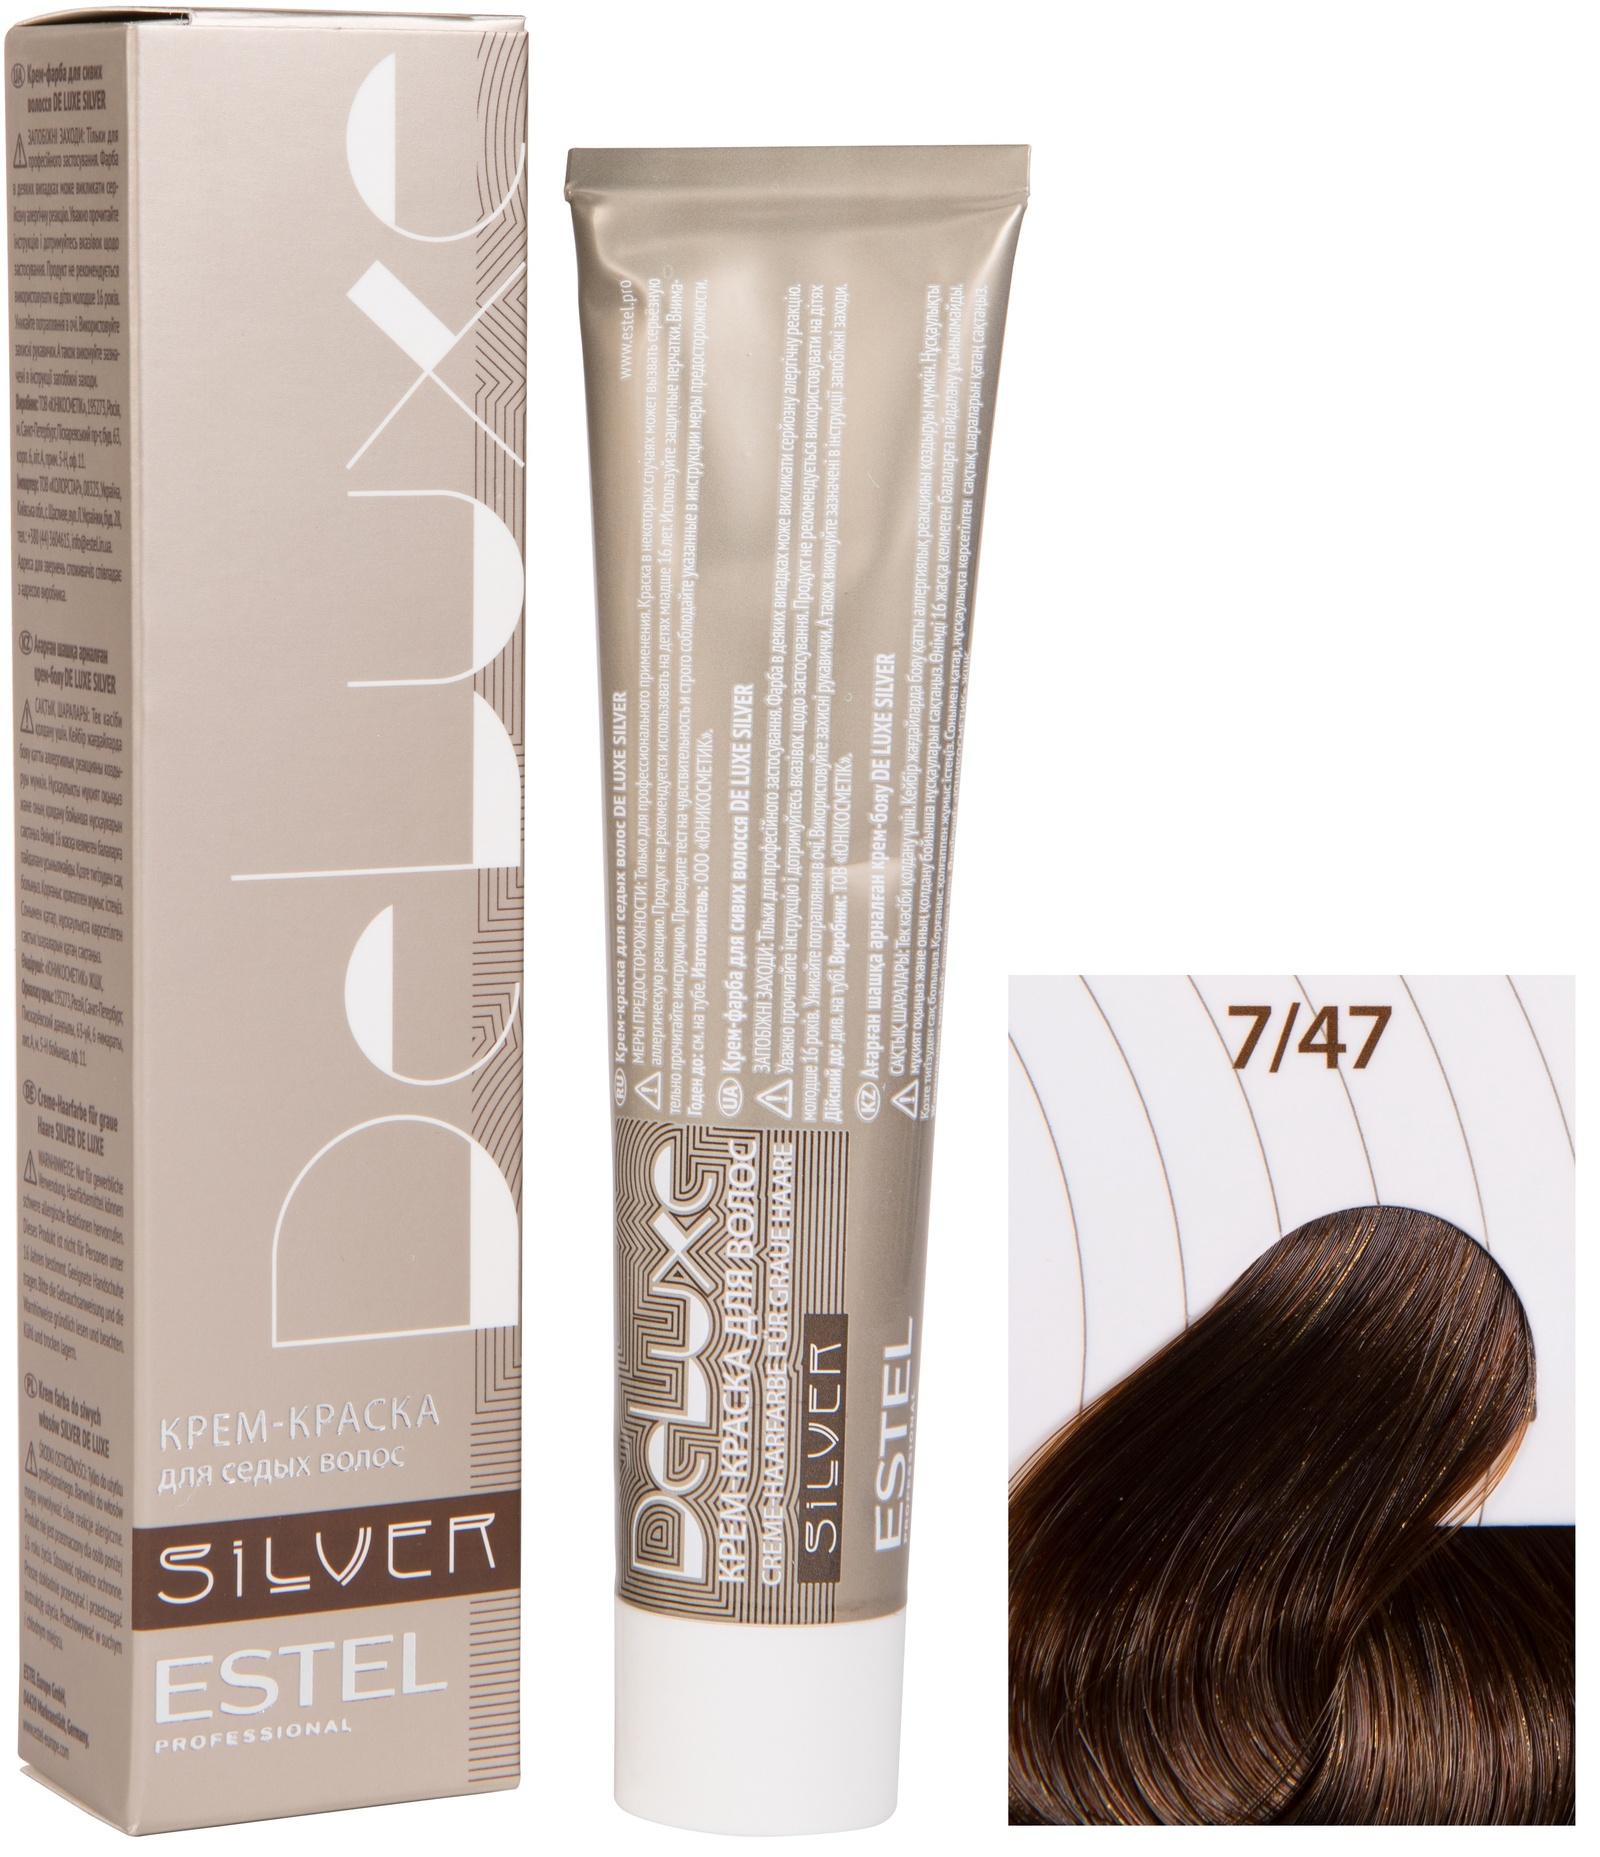 Краска для волос ESTEL PROFESSIONAL 7/47 краска-уход DE LUXE SILVER для окрашивания волос, русый медно-коричневый 60 мл